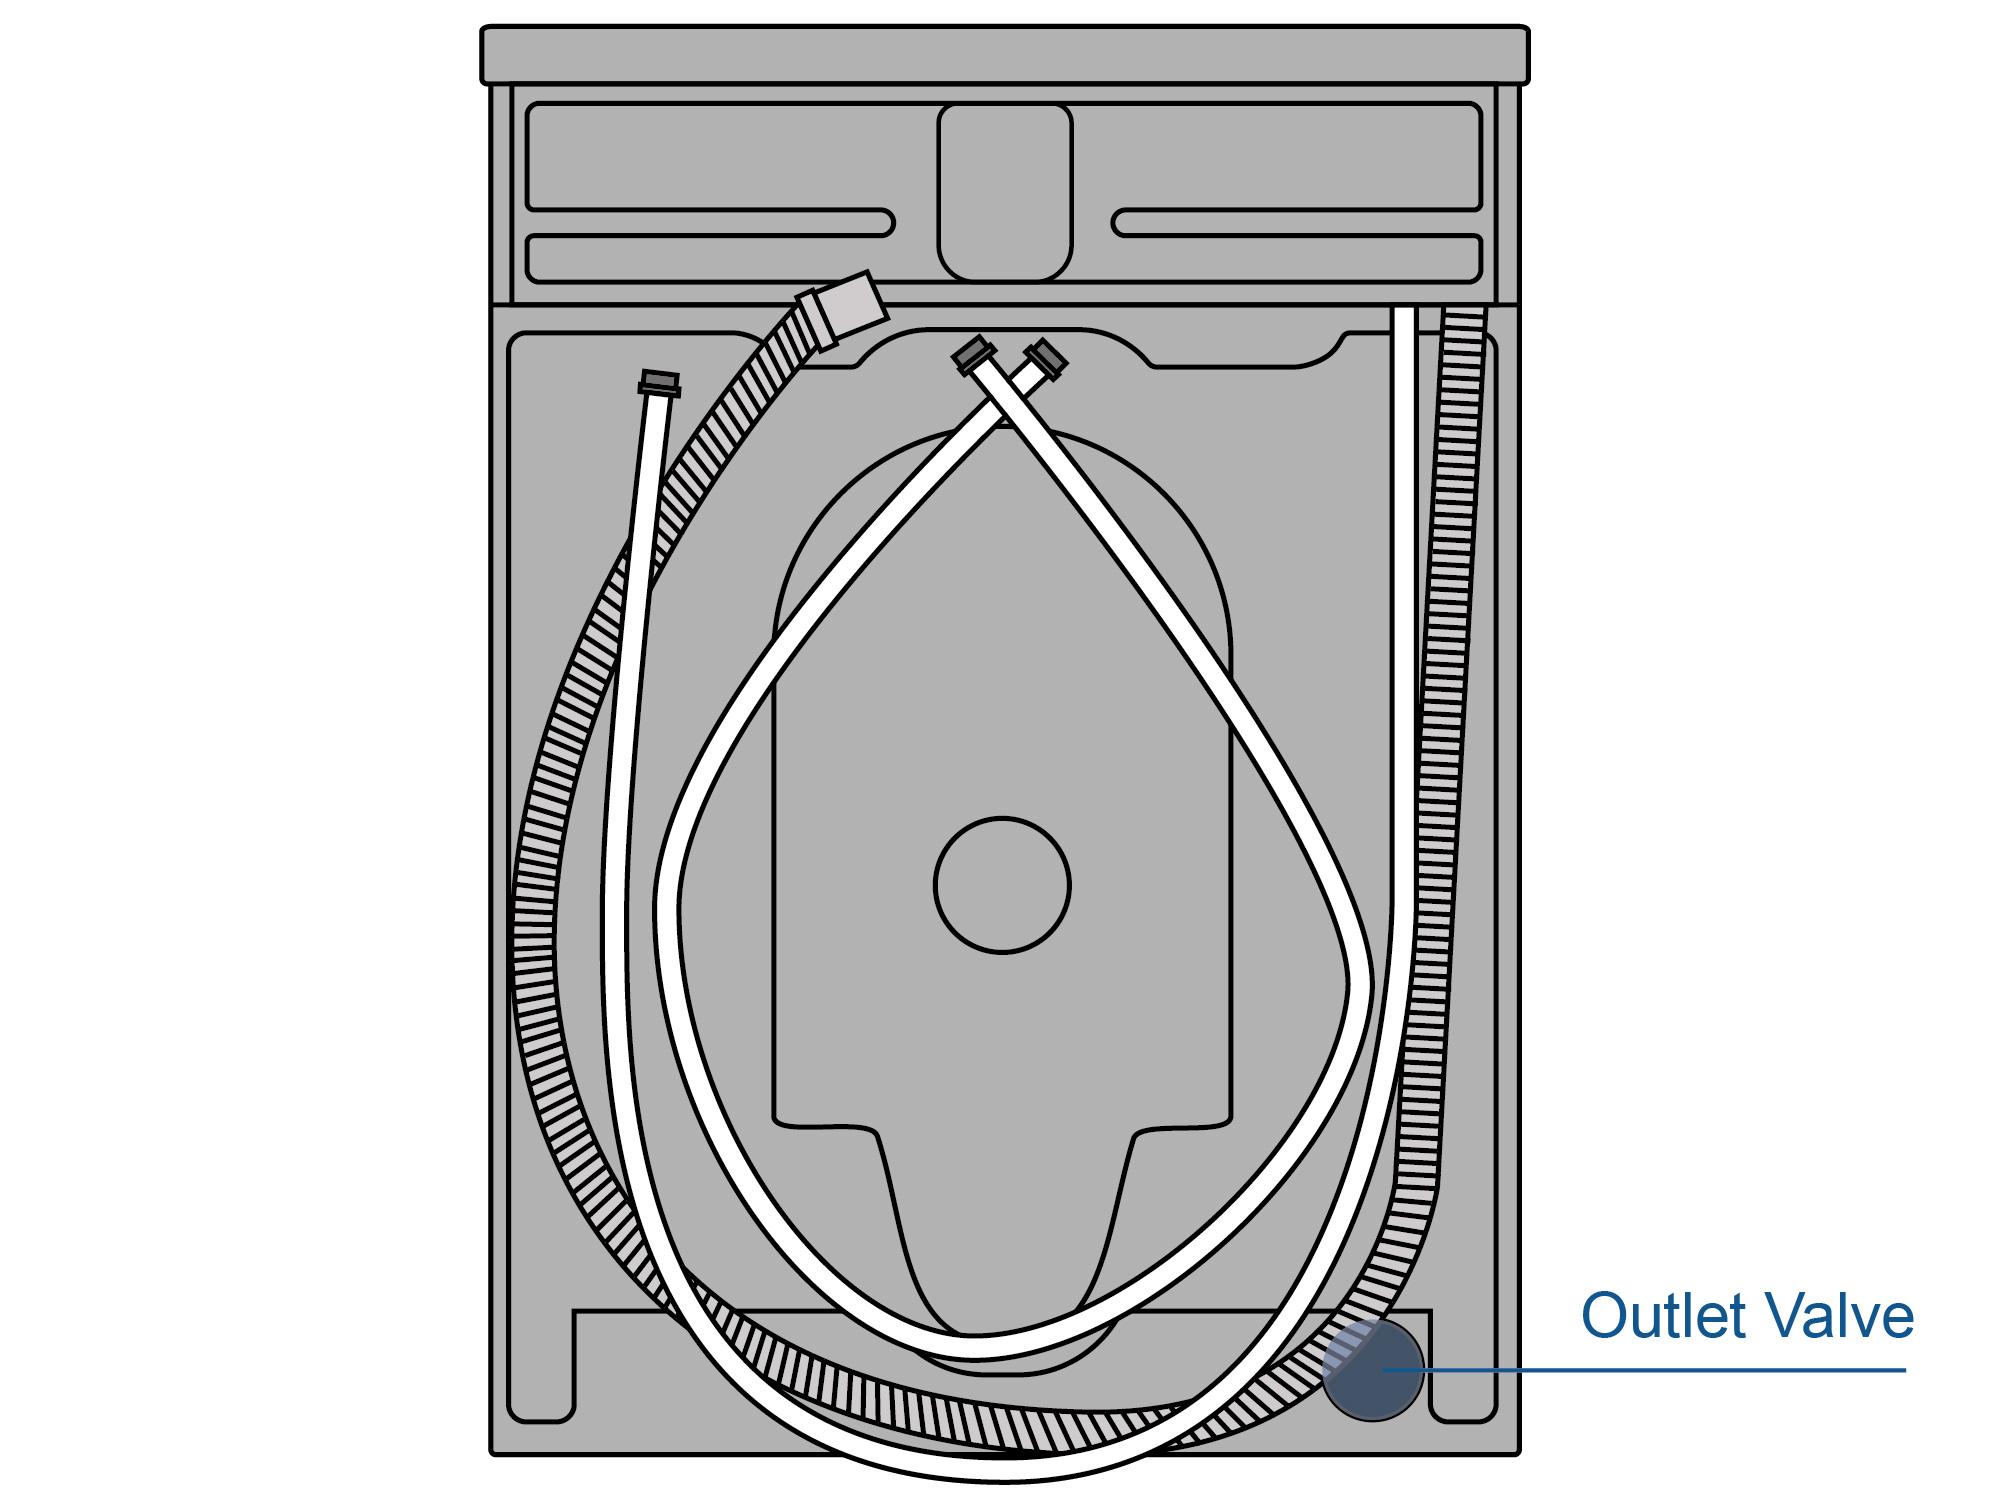 Illustration of Outlet Valve